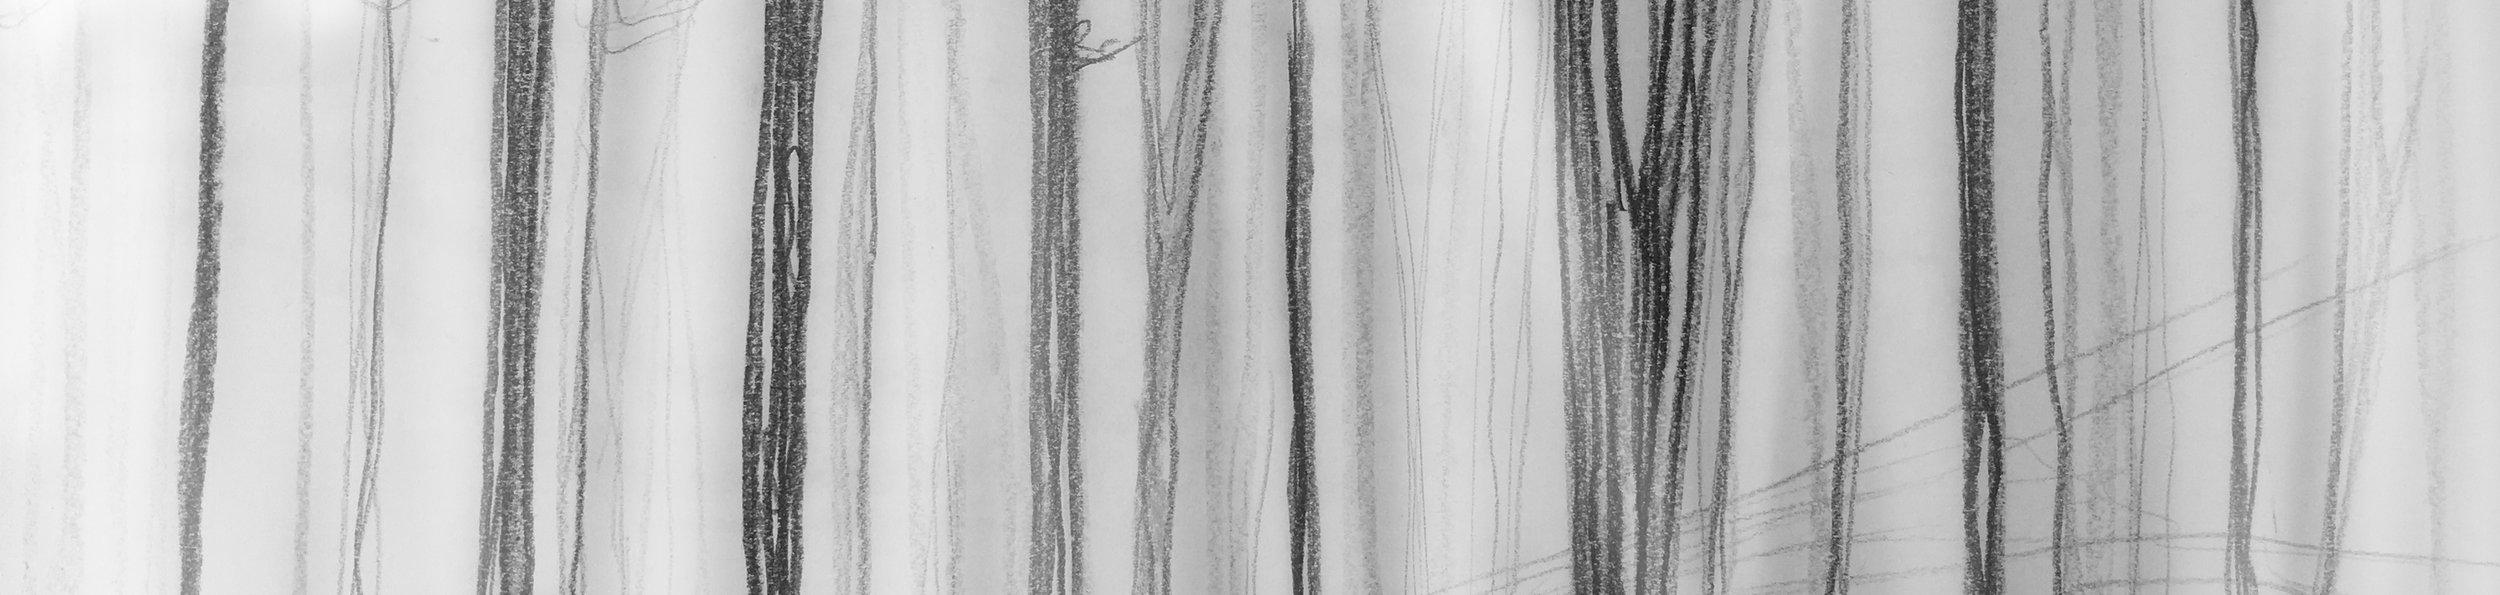 fog forest.jpg